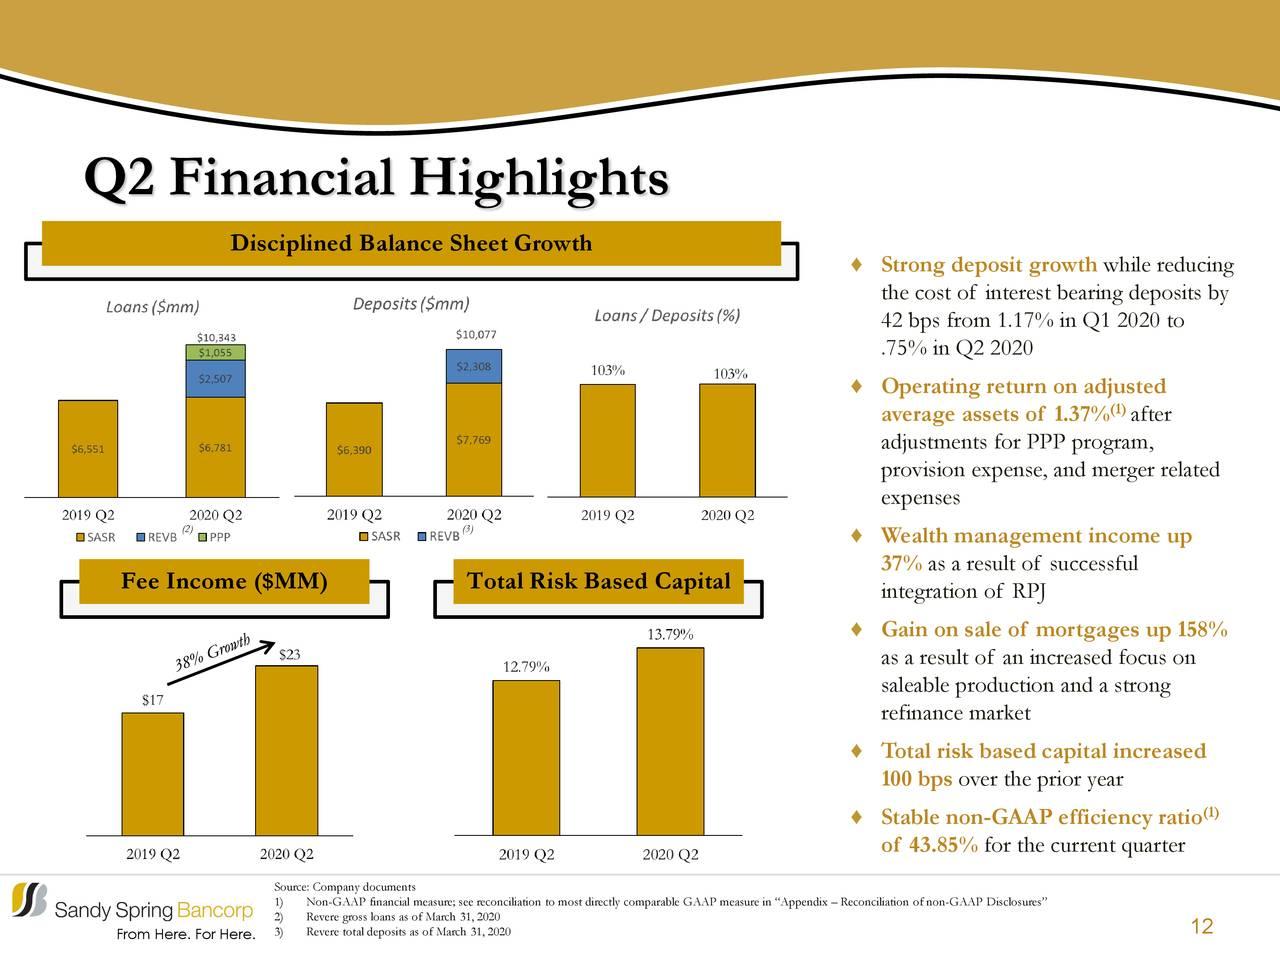 Aspectos financieros destacados del segundo trimestre